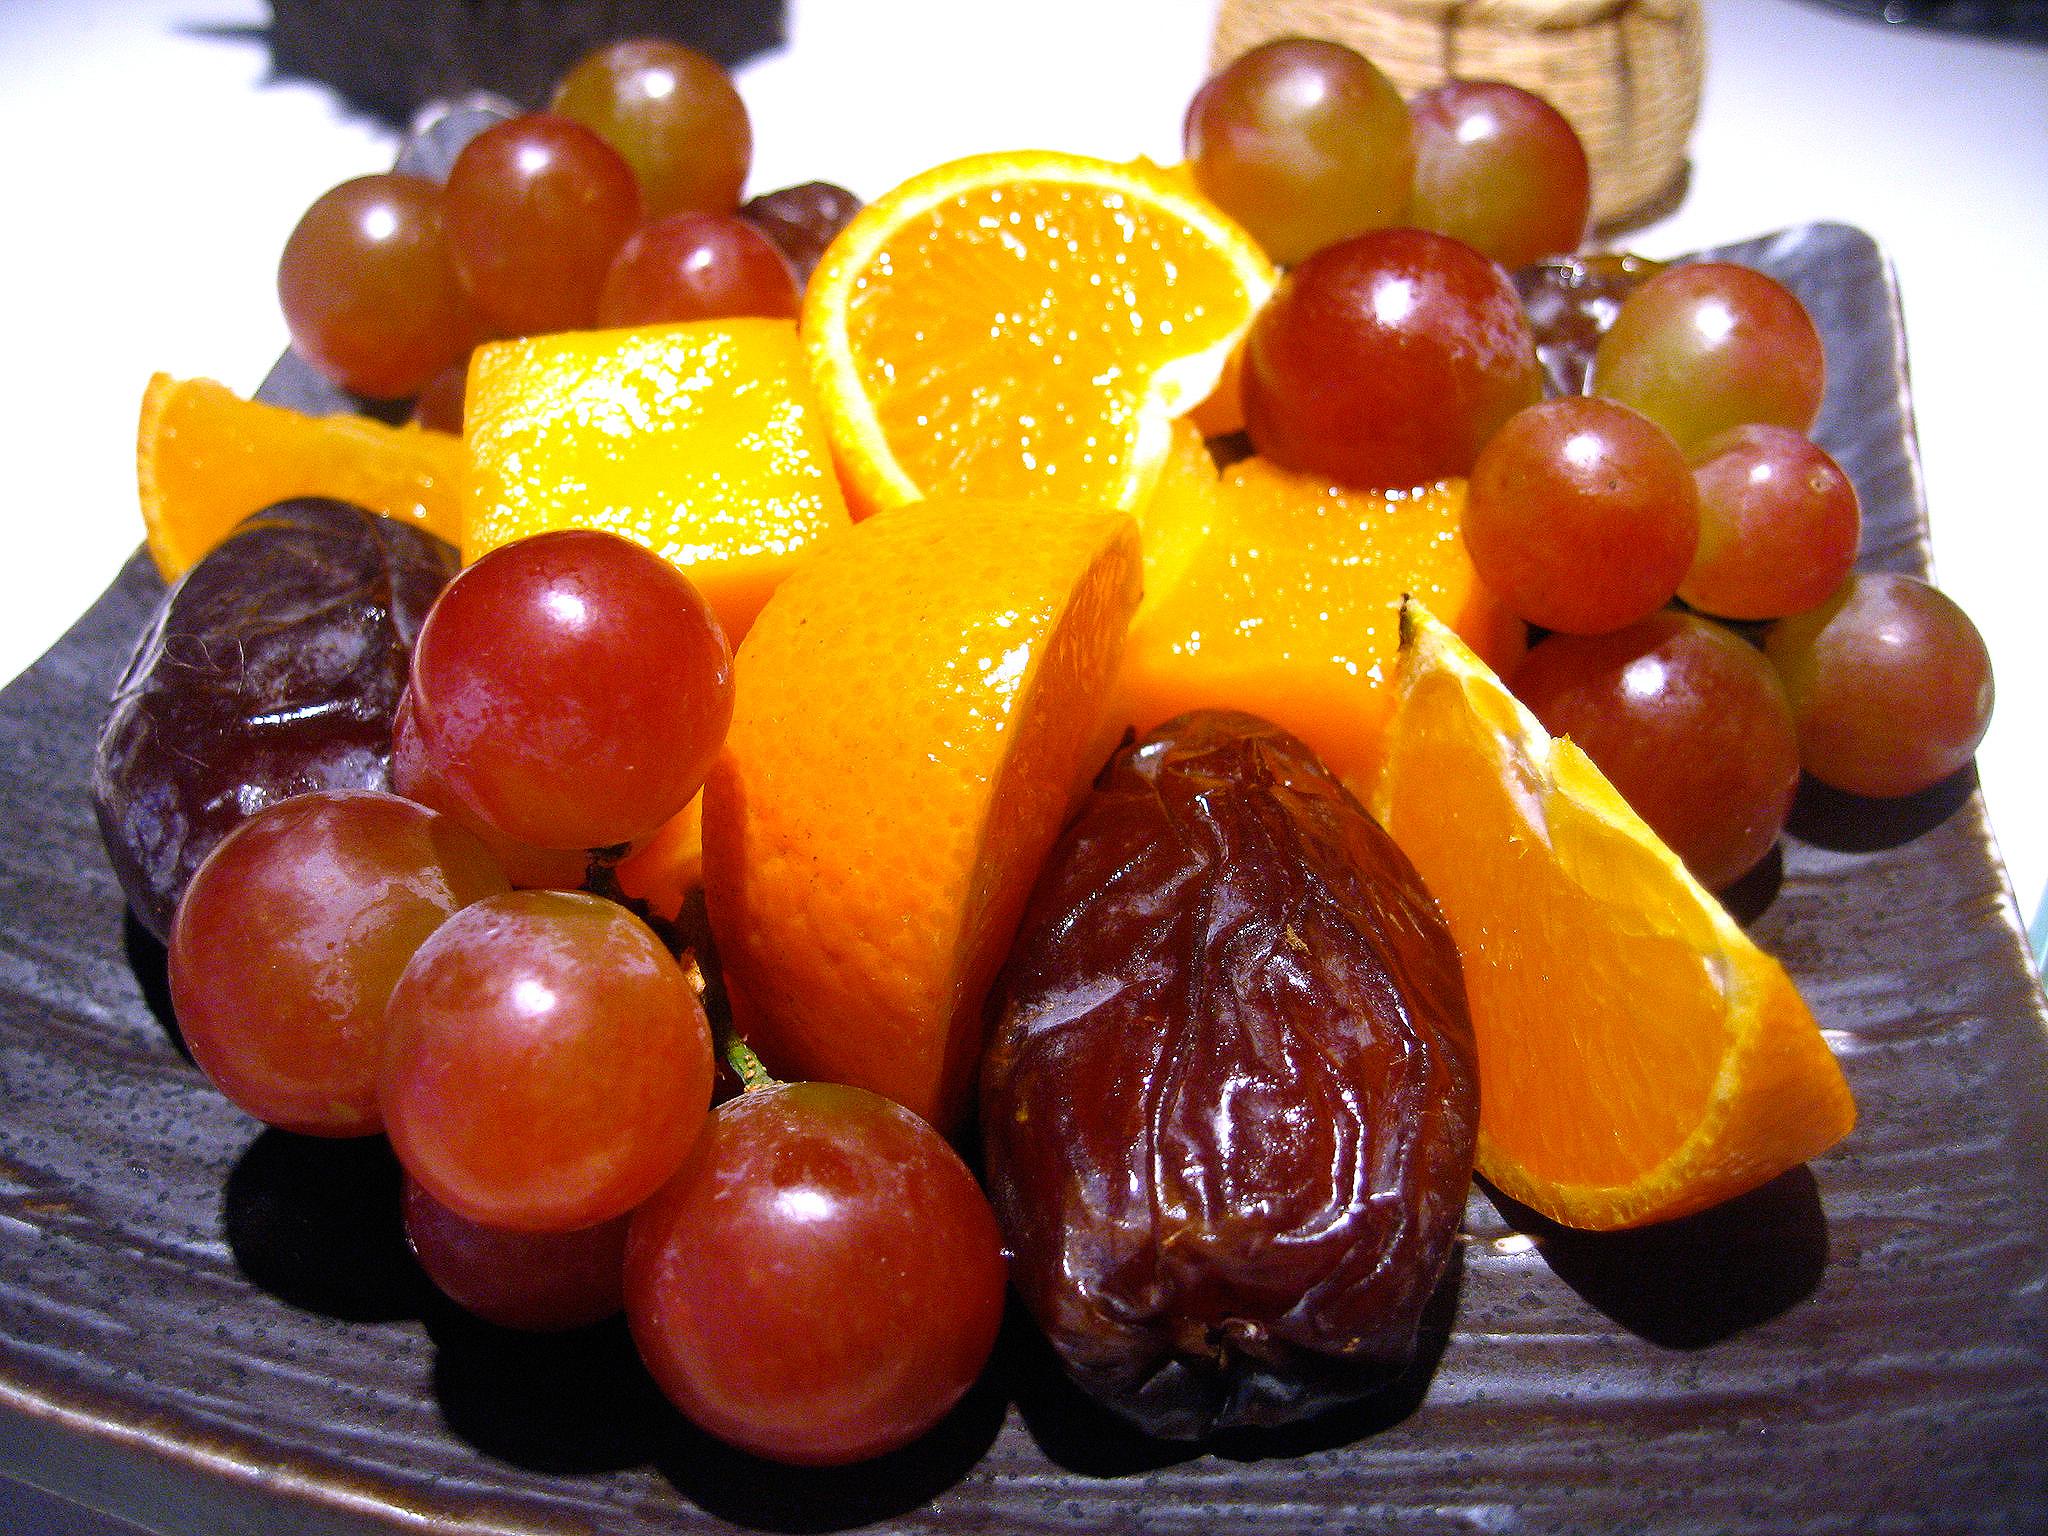 L'Astrance - Fruit for Dessert